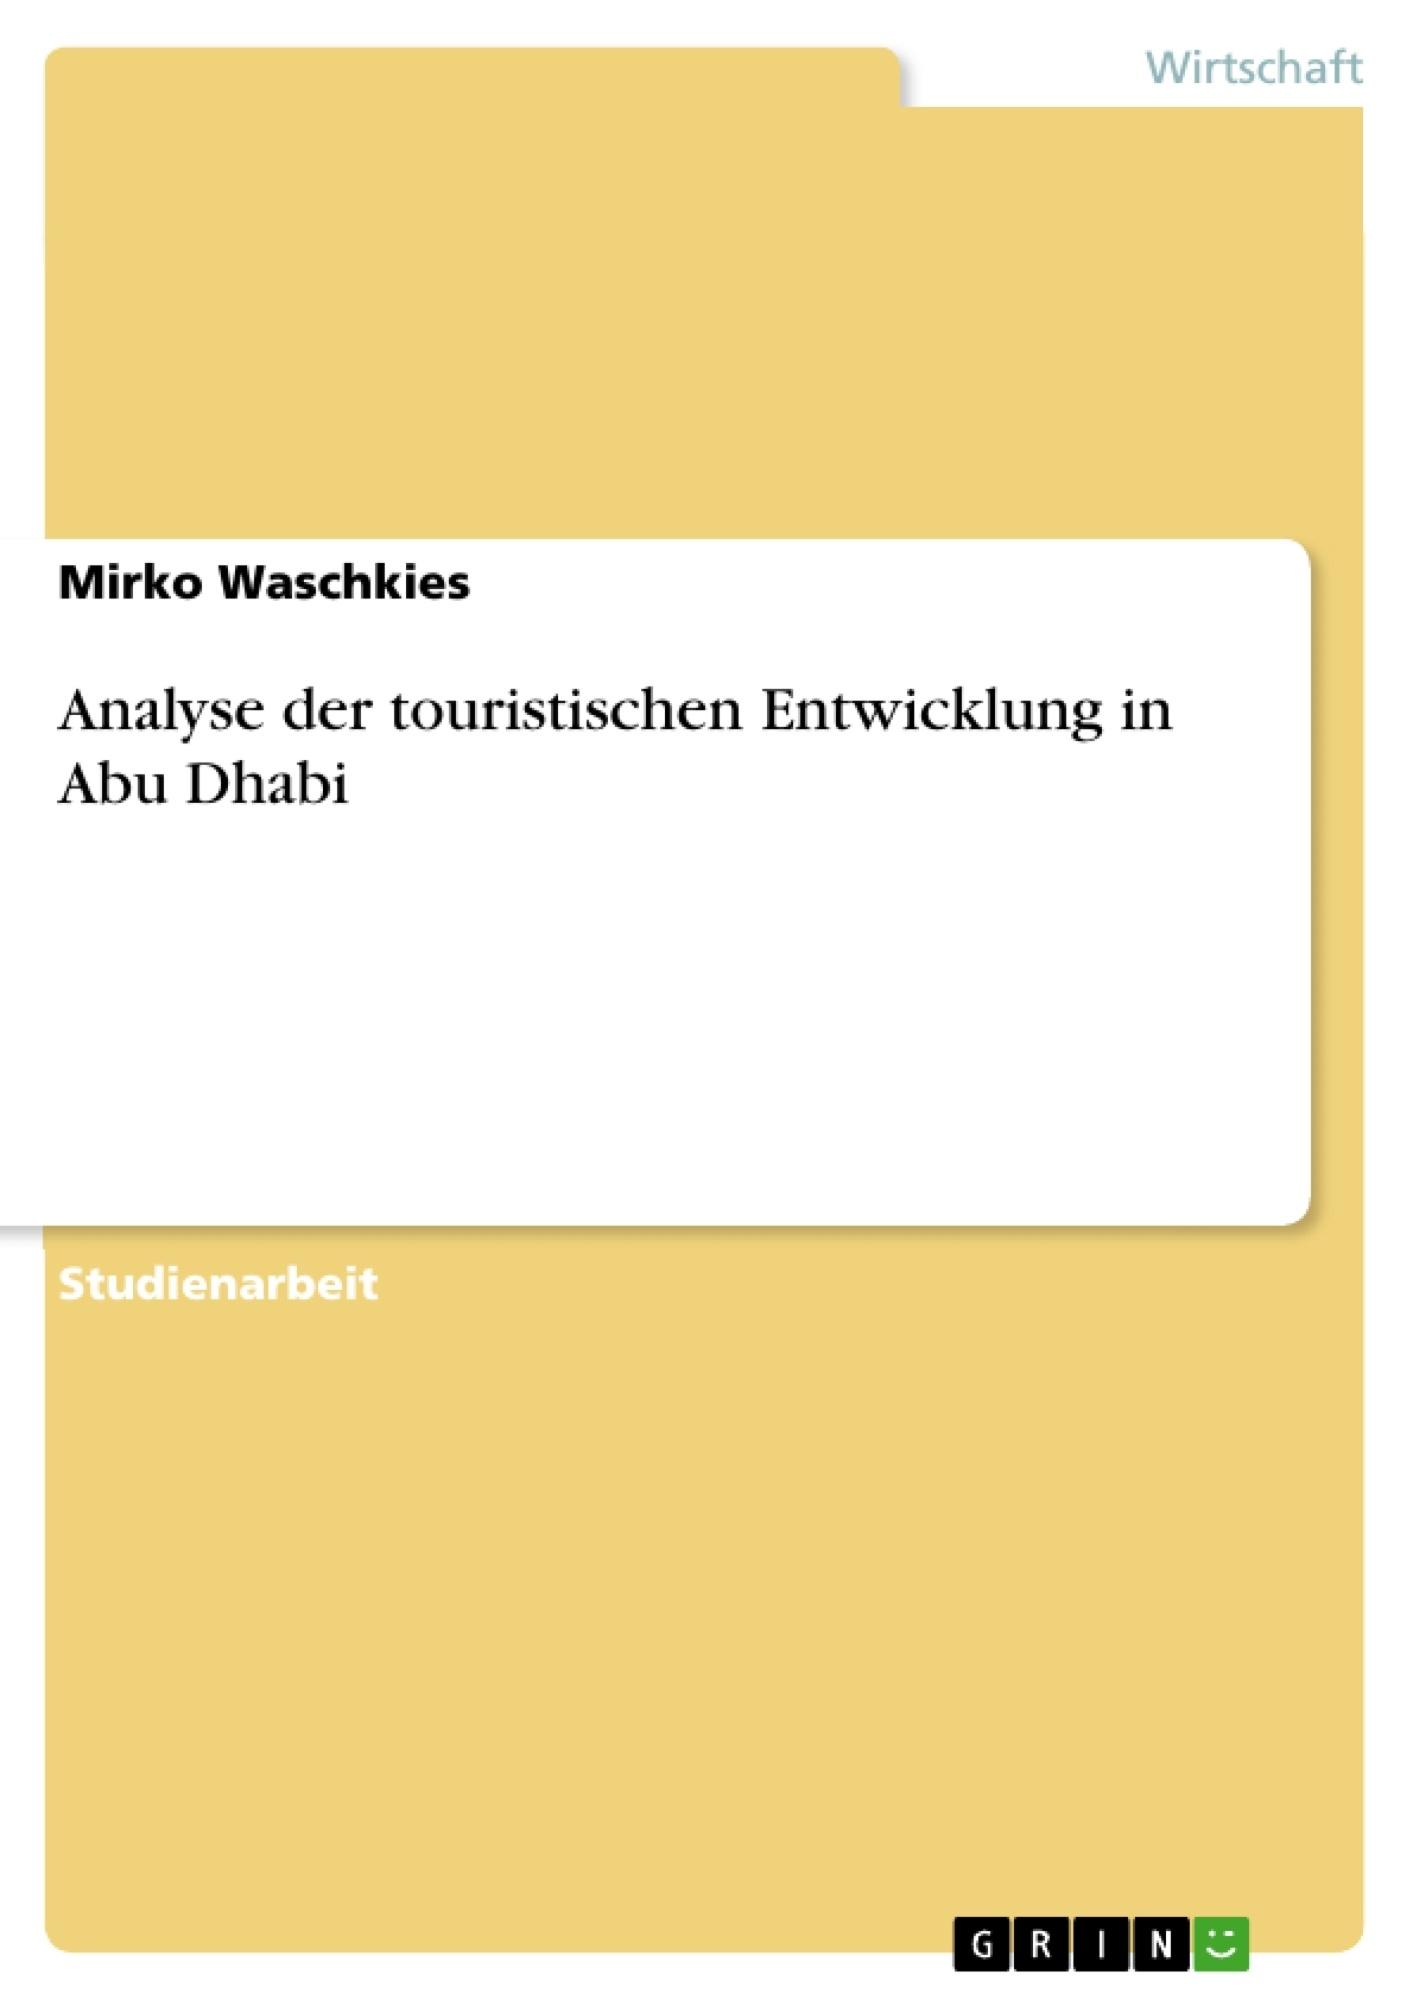 Titel: Analyse der touristischen Entwicklung in Abu Dhabi